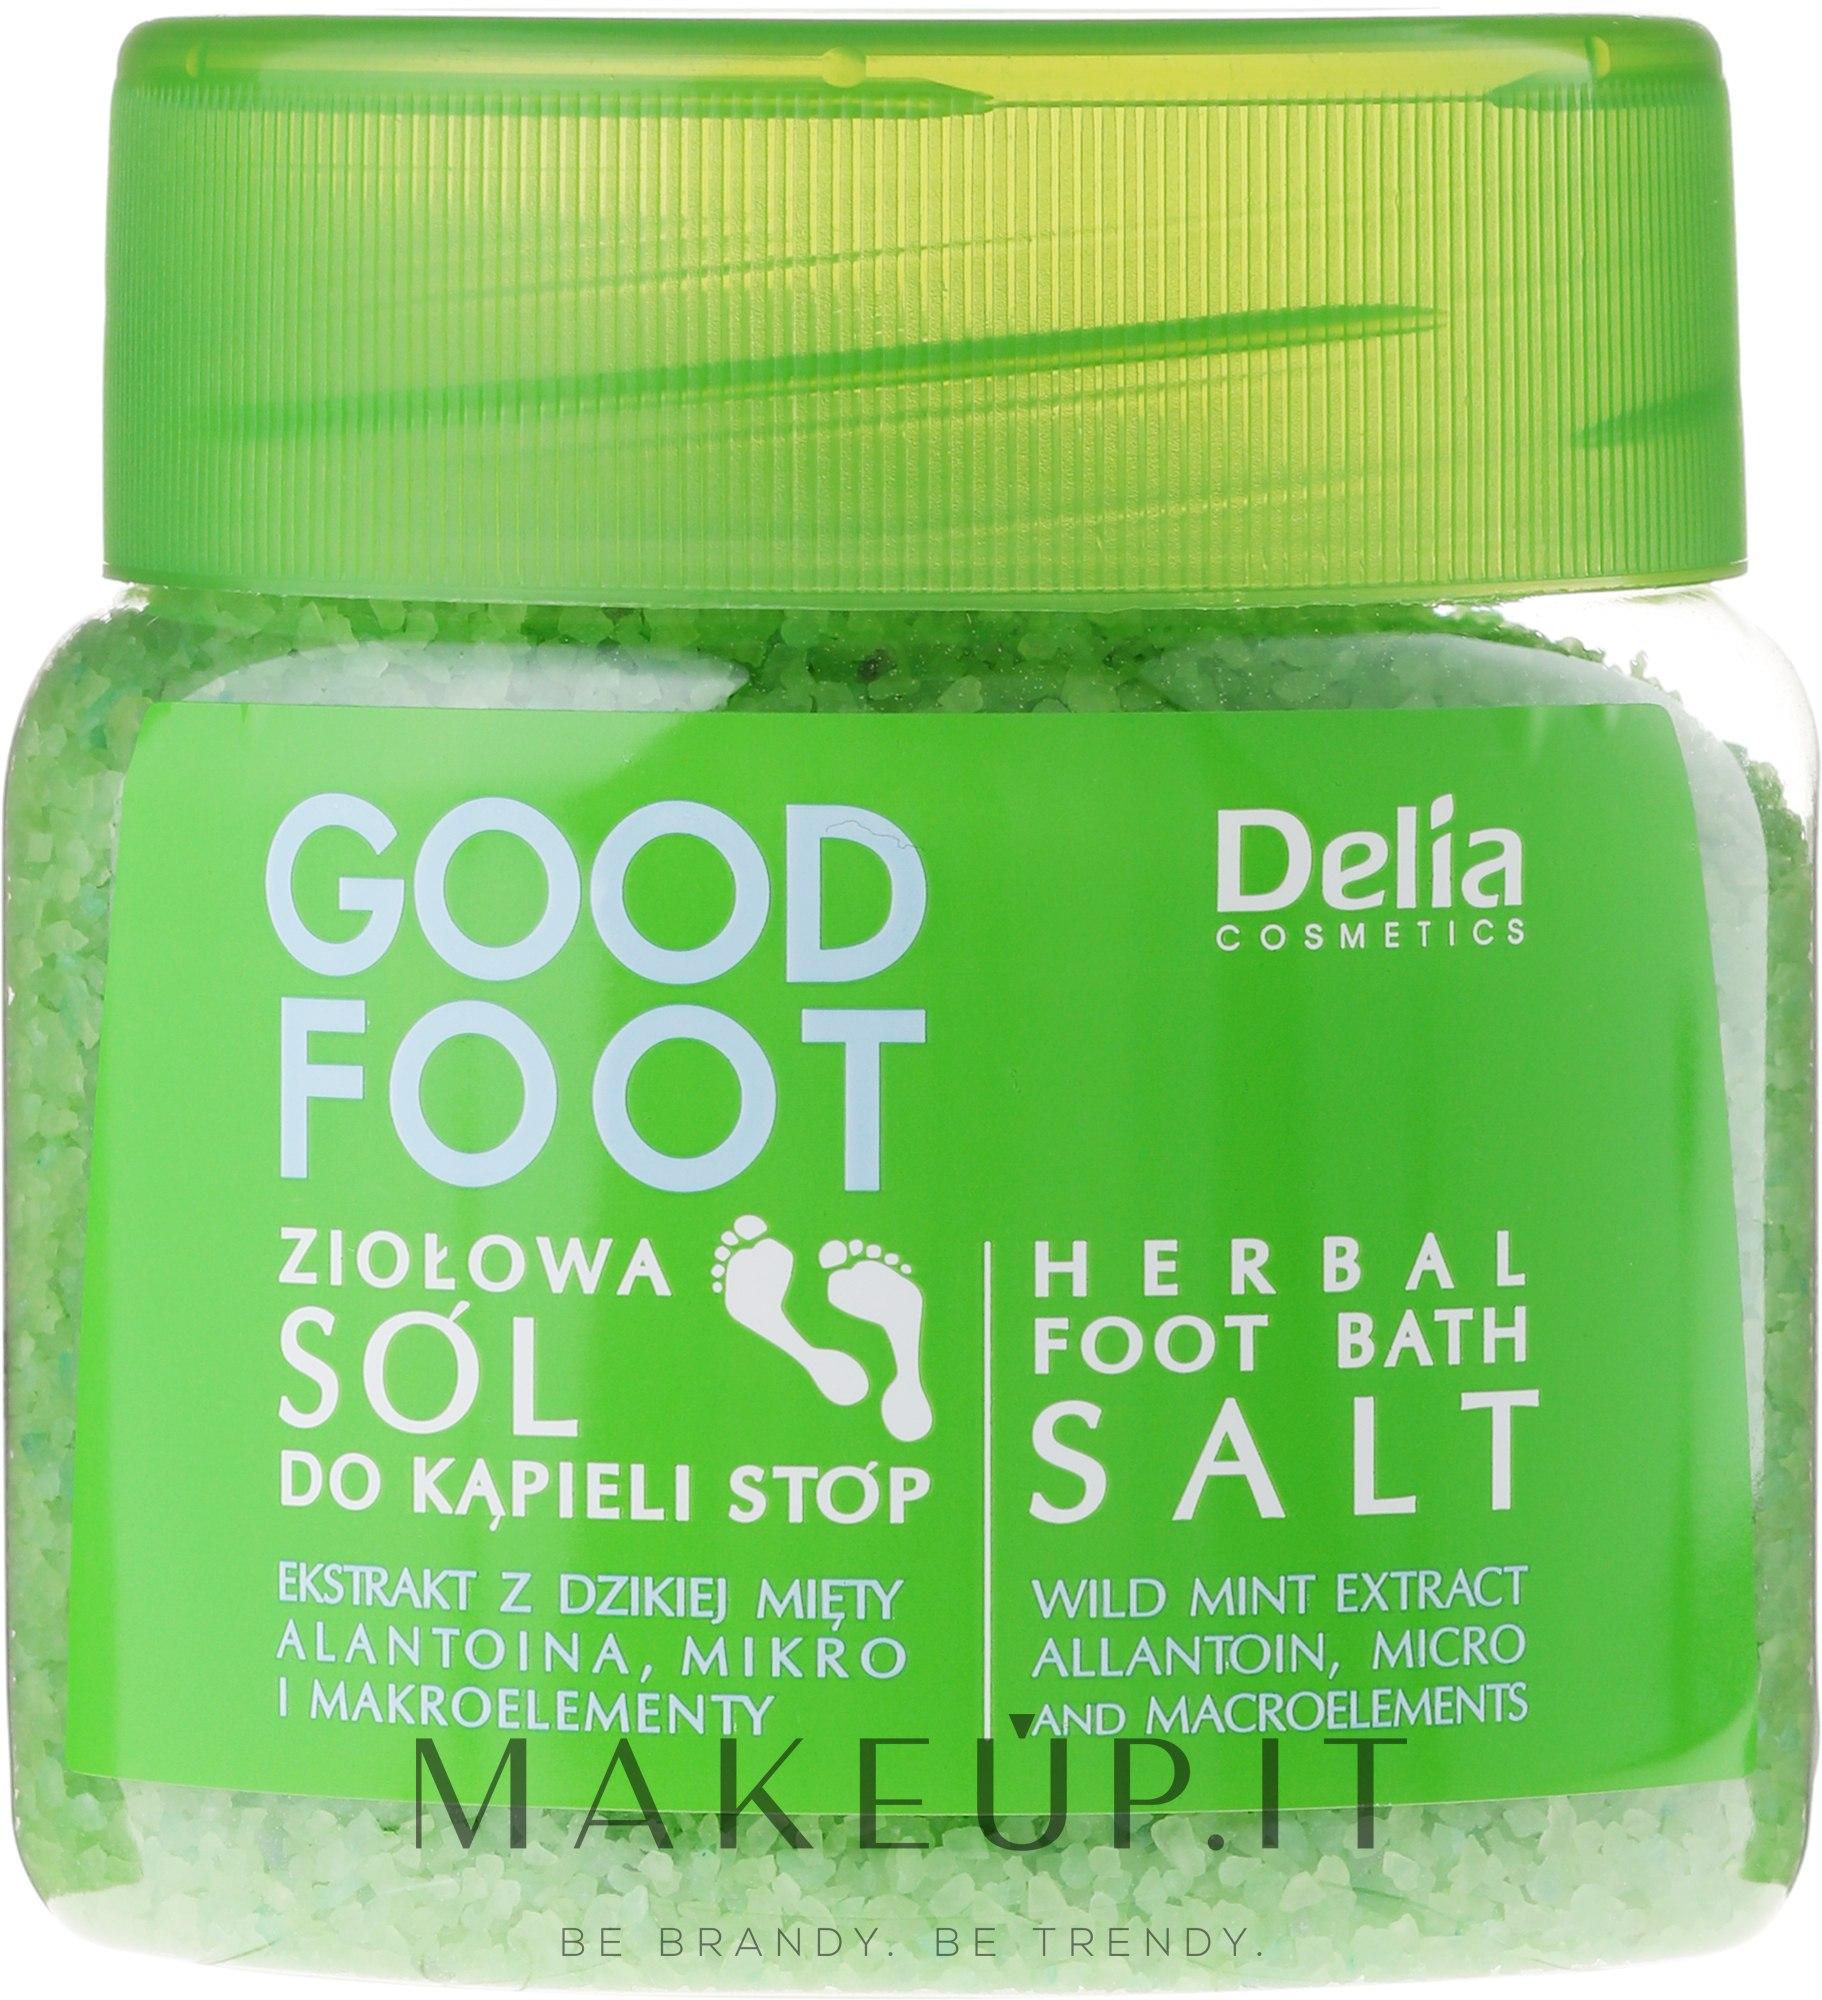 Sale per i piedi - Delia Cosmetics Good Foot Herbal Foot Bath Salt — foto 570 g